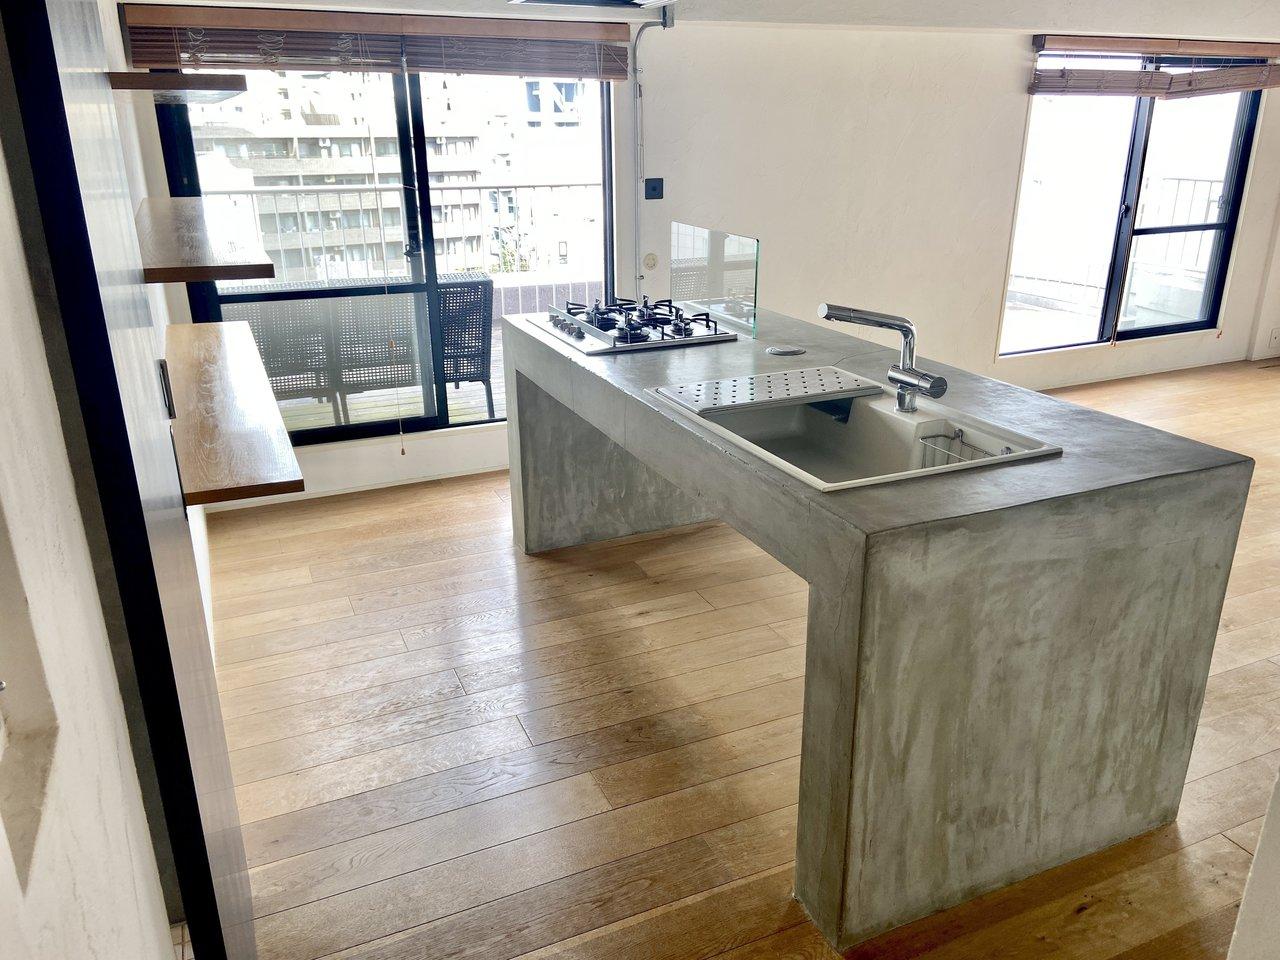 キッチンは4口コンロのアイランドタイプでとてもスタイリッシュ!窓の外にはルーフバルコニーが見えます。